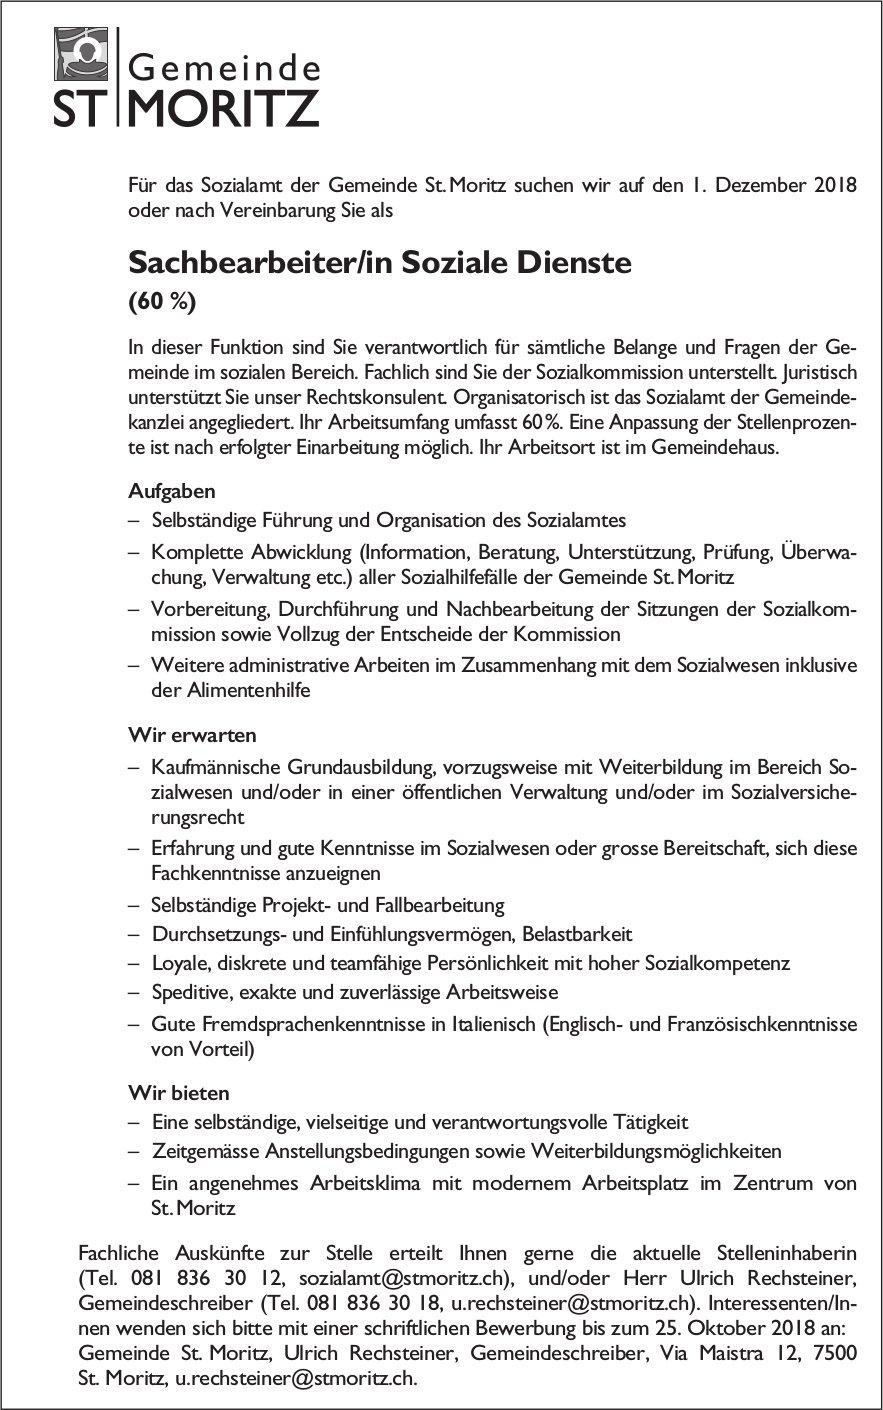 Sachbearbeiter/in Soziale Dienste (60 %) bei Gemeinde St. Moritz gesucht